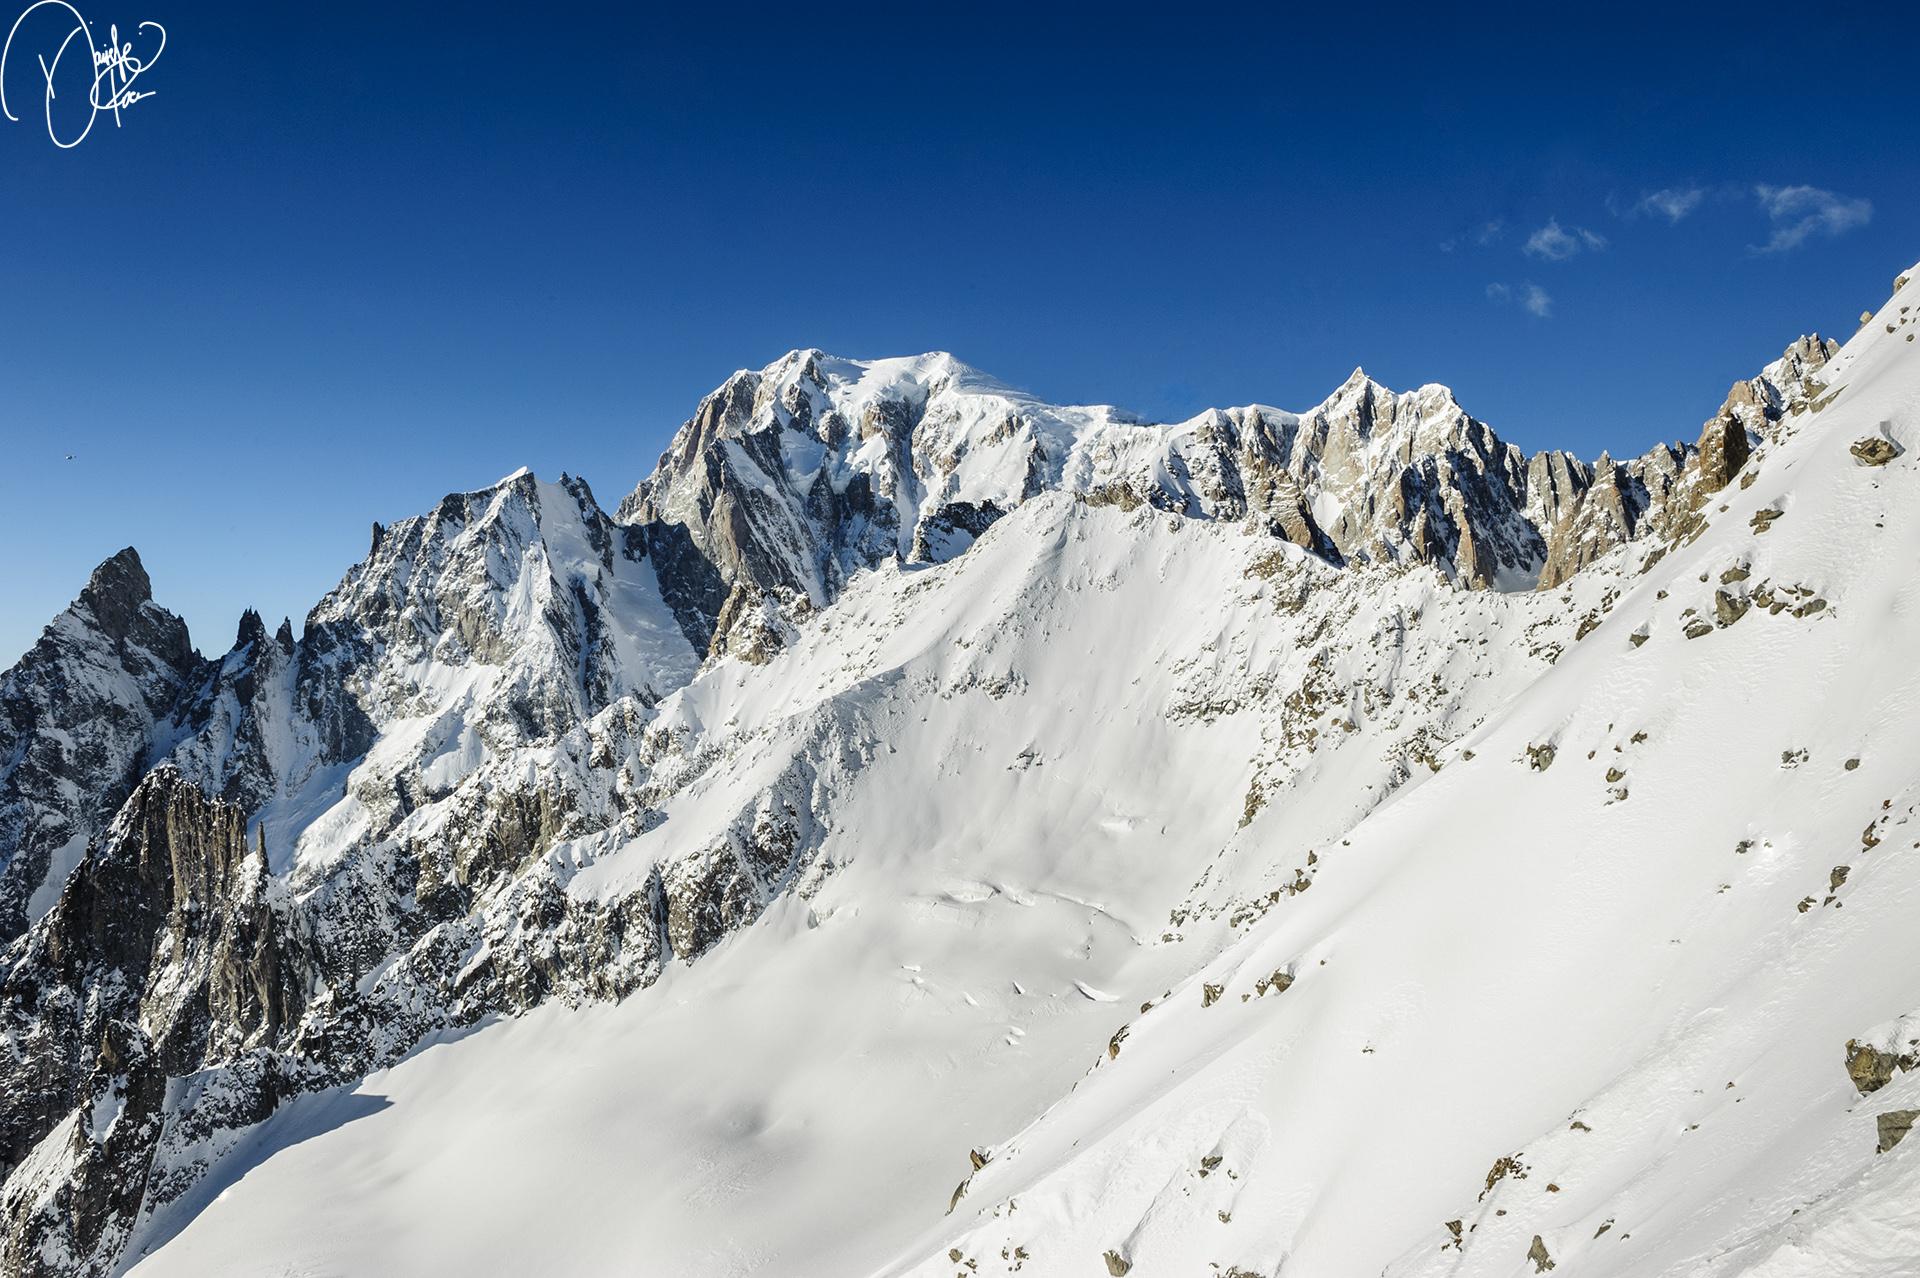 daniele pace - mytravelife - fotografare in viaggio_montagna (5)